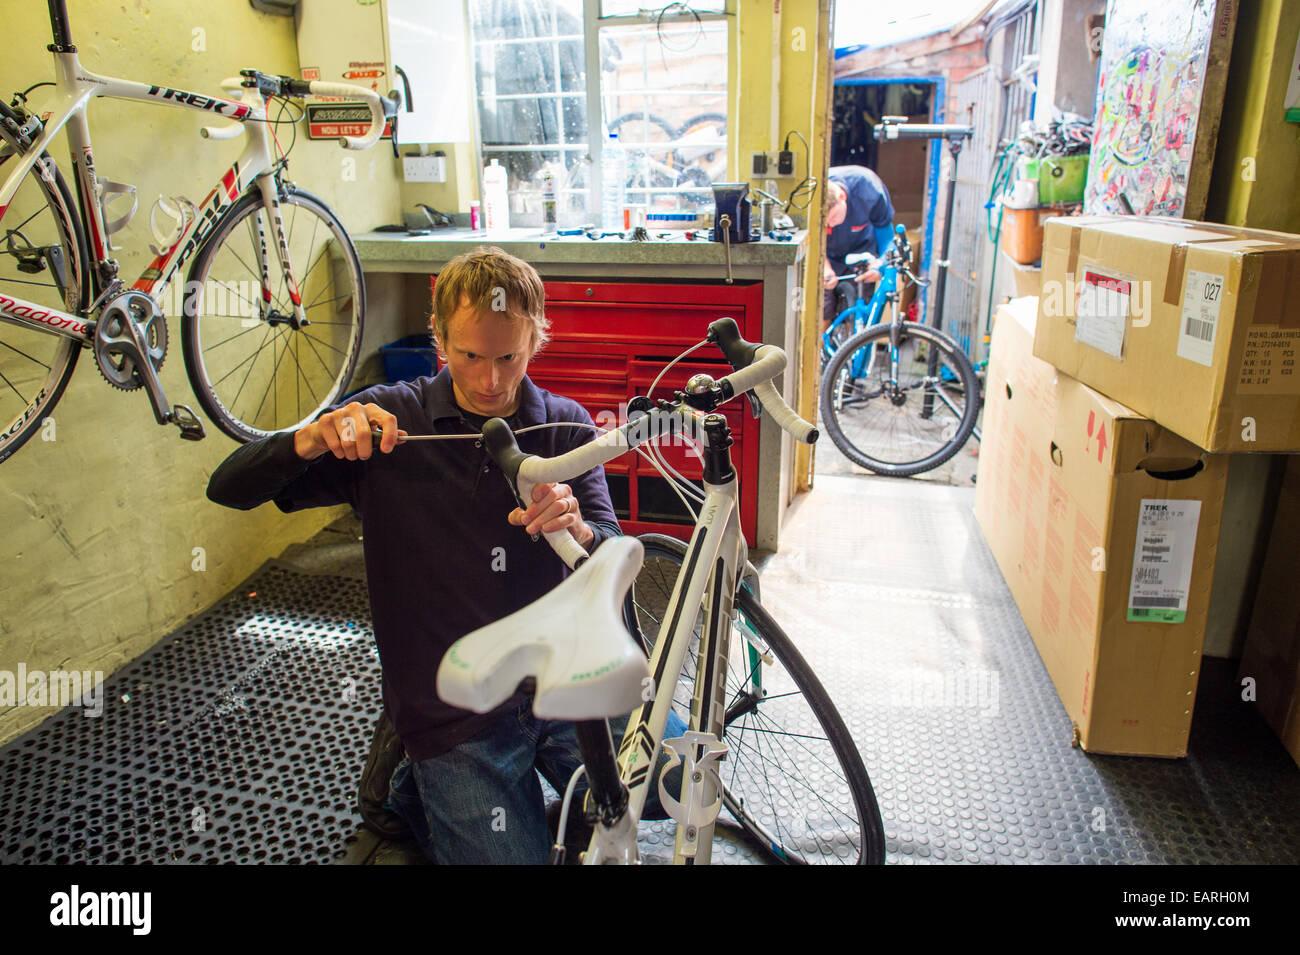 Un trabajador ajuste reparación arreglando bicicletas ciclos en la Cumbre, independiente pequeño centro Imagen De Stock